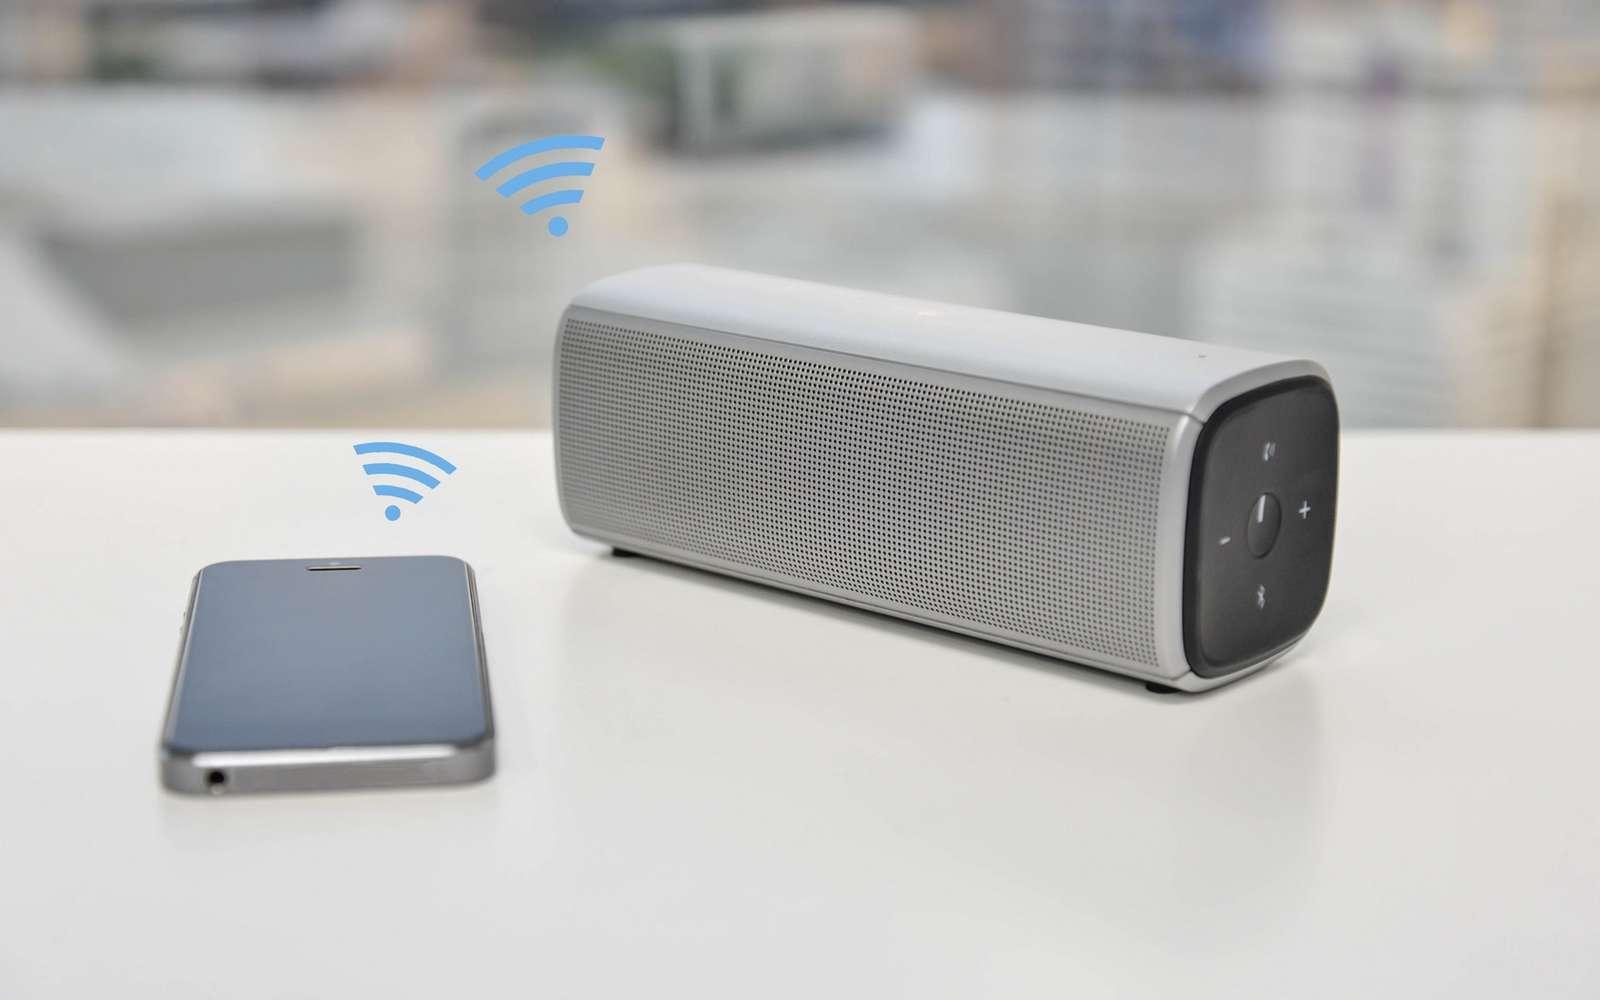 Avec le Wi-Fi, le Bluetooth est le standard de communication sans fil le plus répandu sur les terminaux mobiles, les objets connectés et les ordinateurs. © Magneticmcc, Fotolia